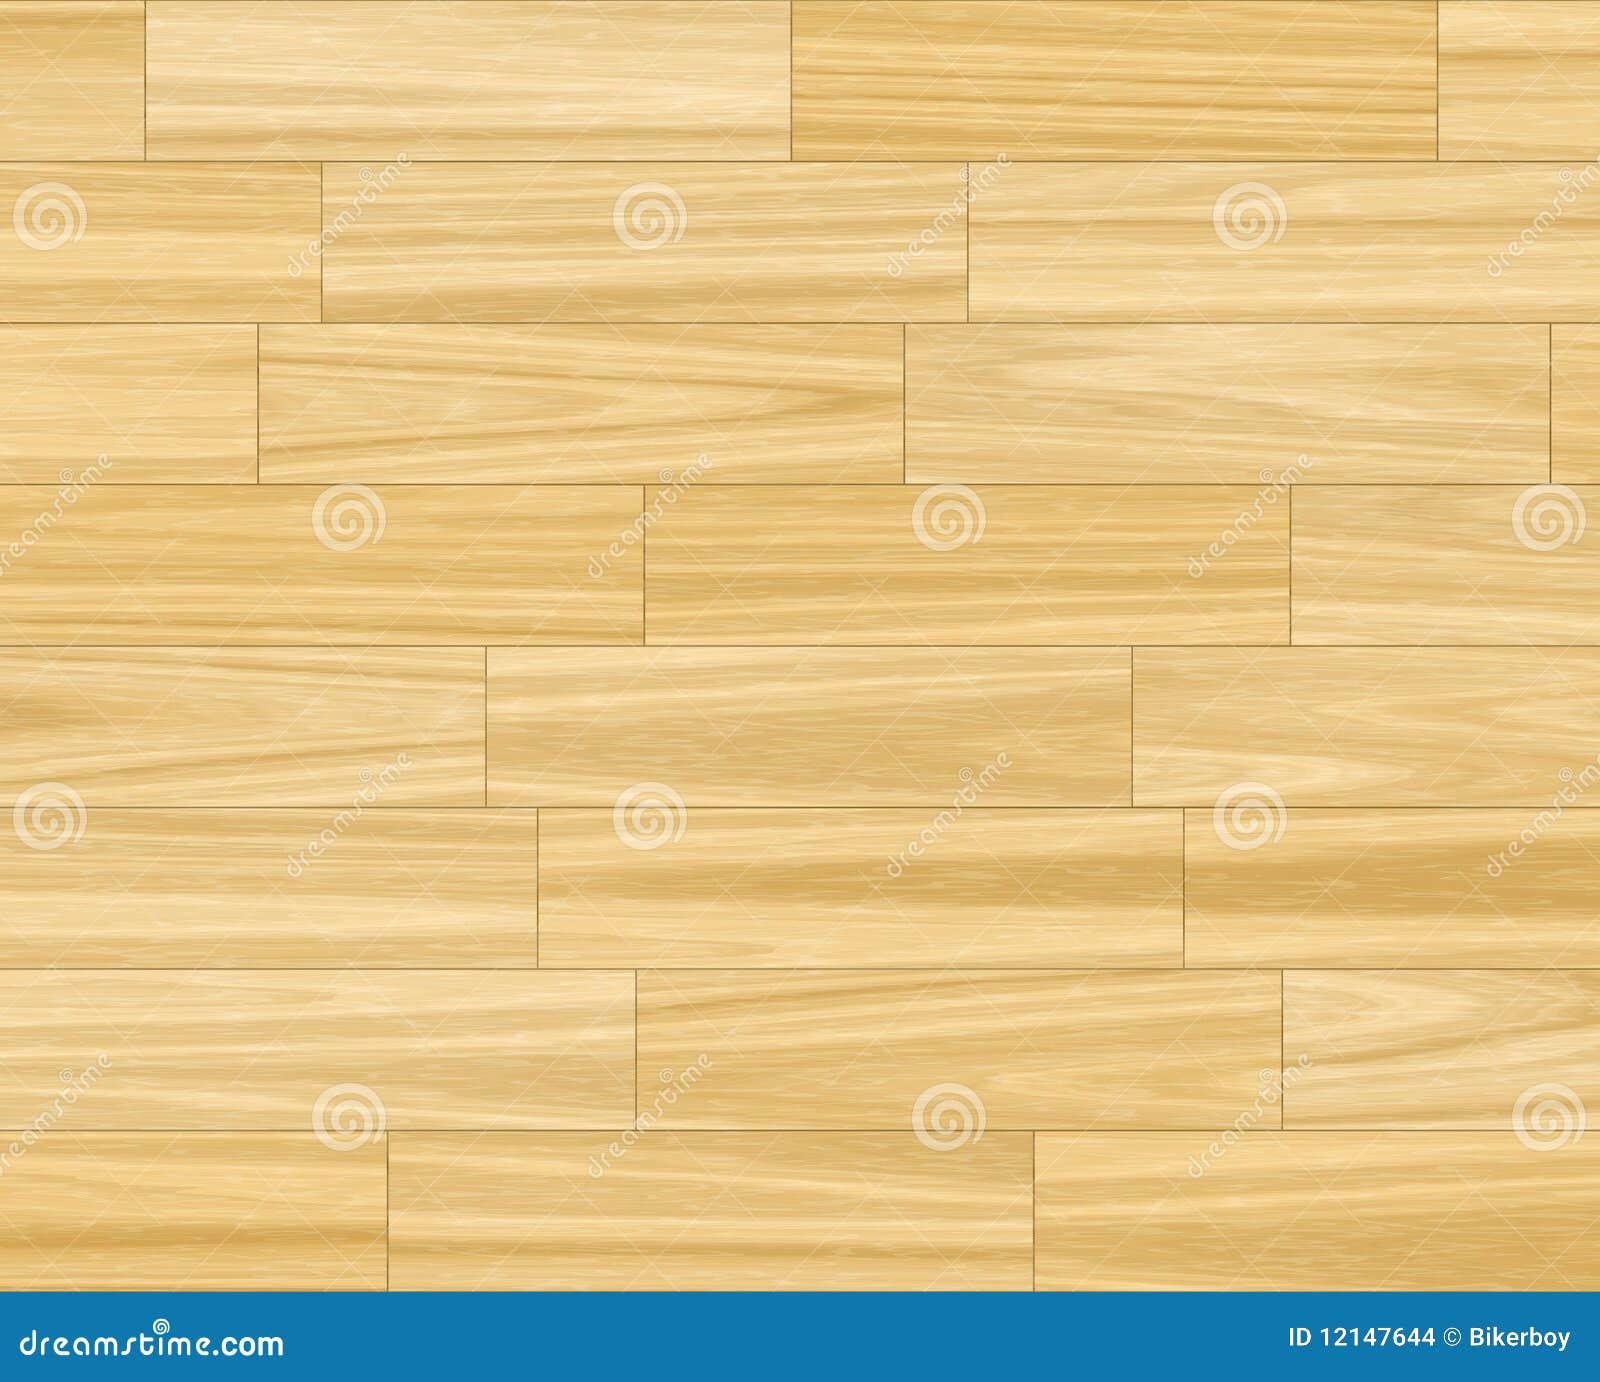 De vloer van het parket stock afbeeldingen afbeelding 12147644 - Ruimte van het meisje parket ...